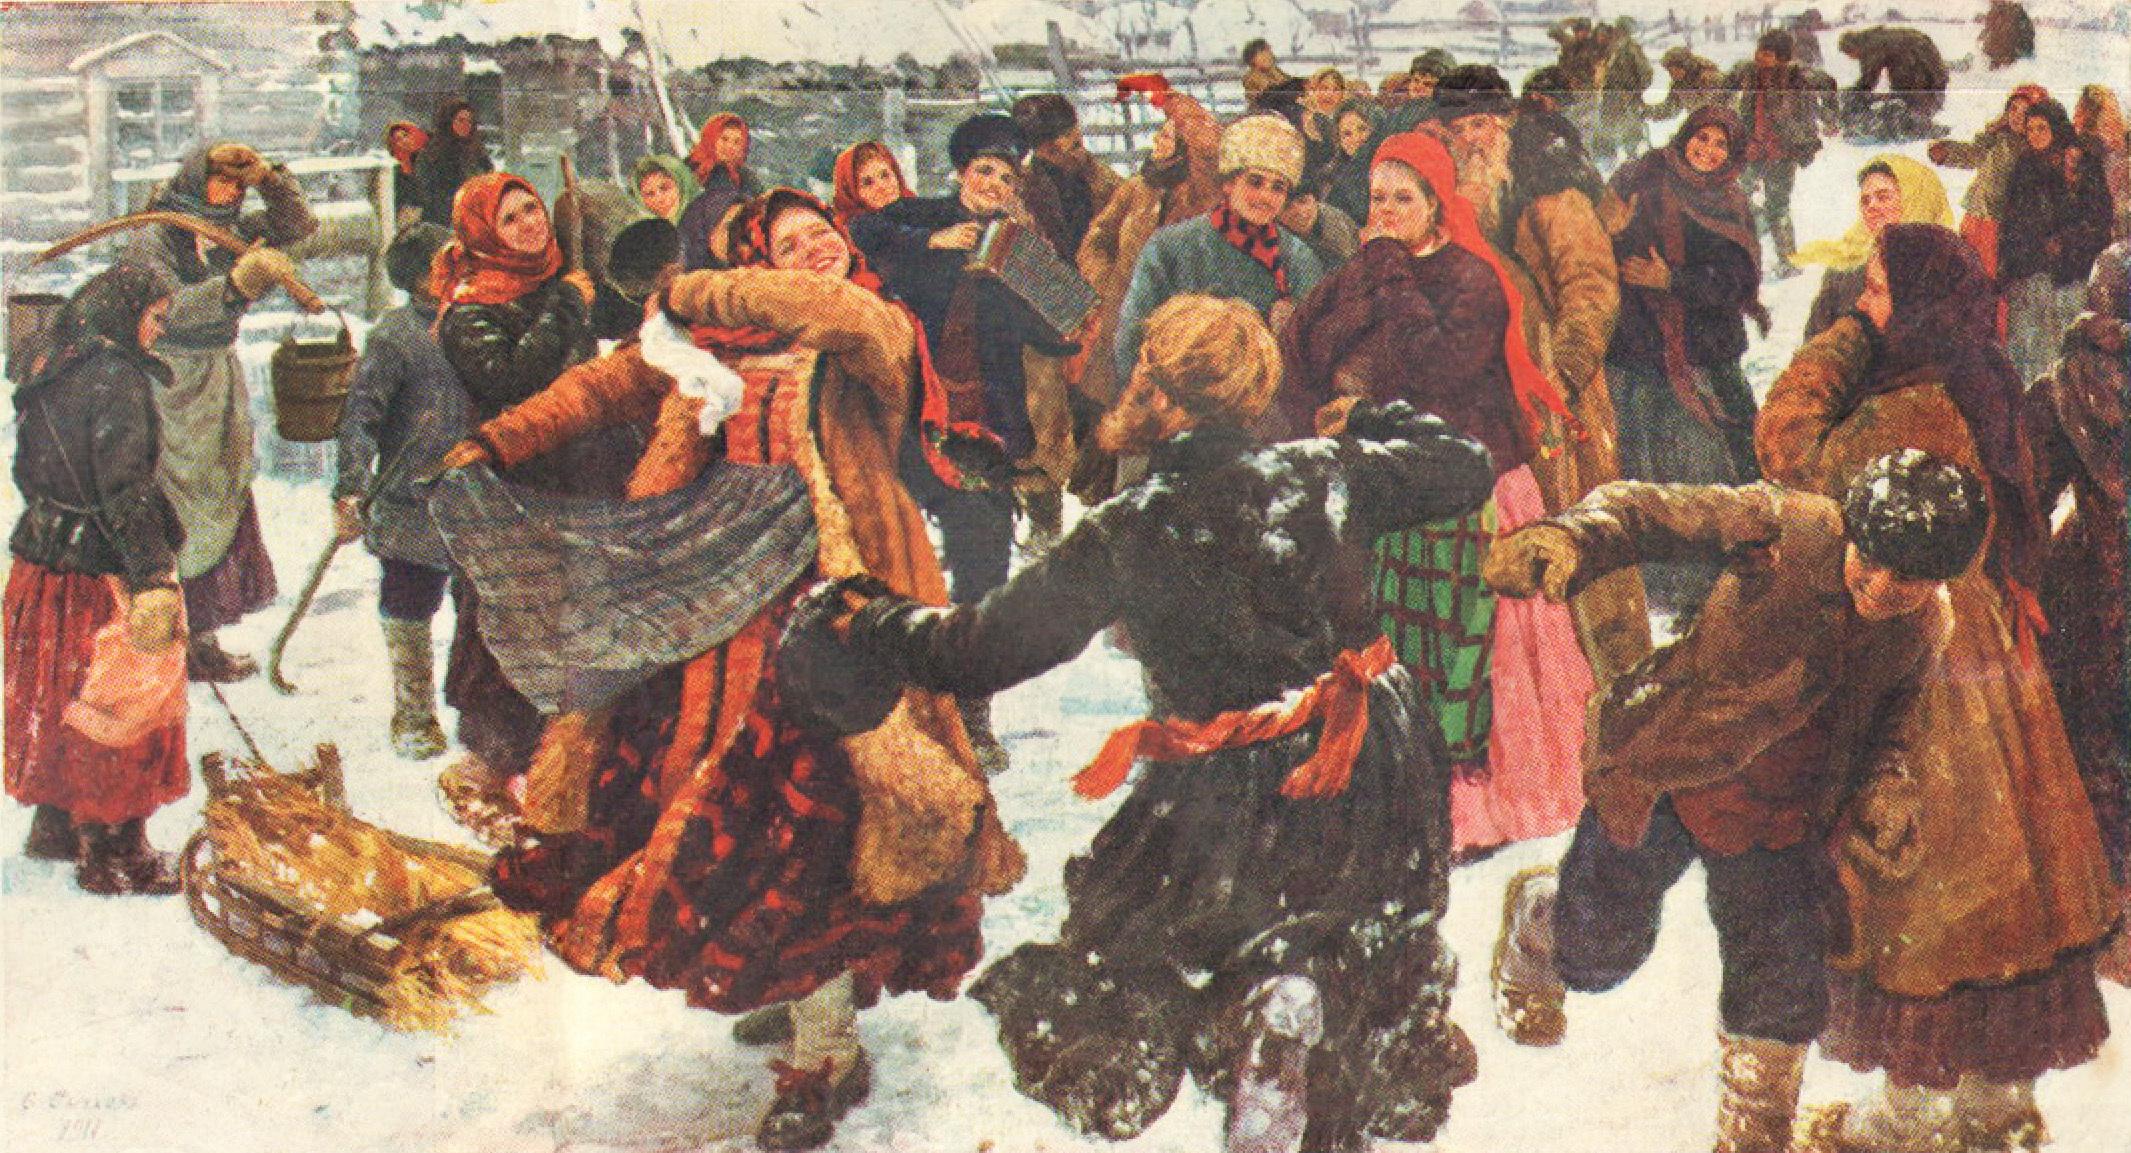 частушки русские народные для юбилея